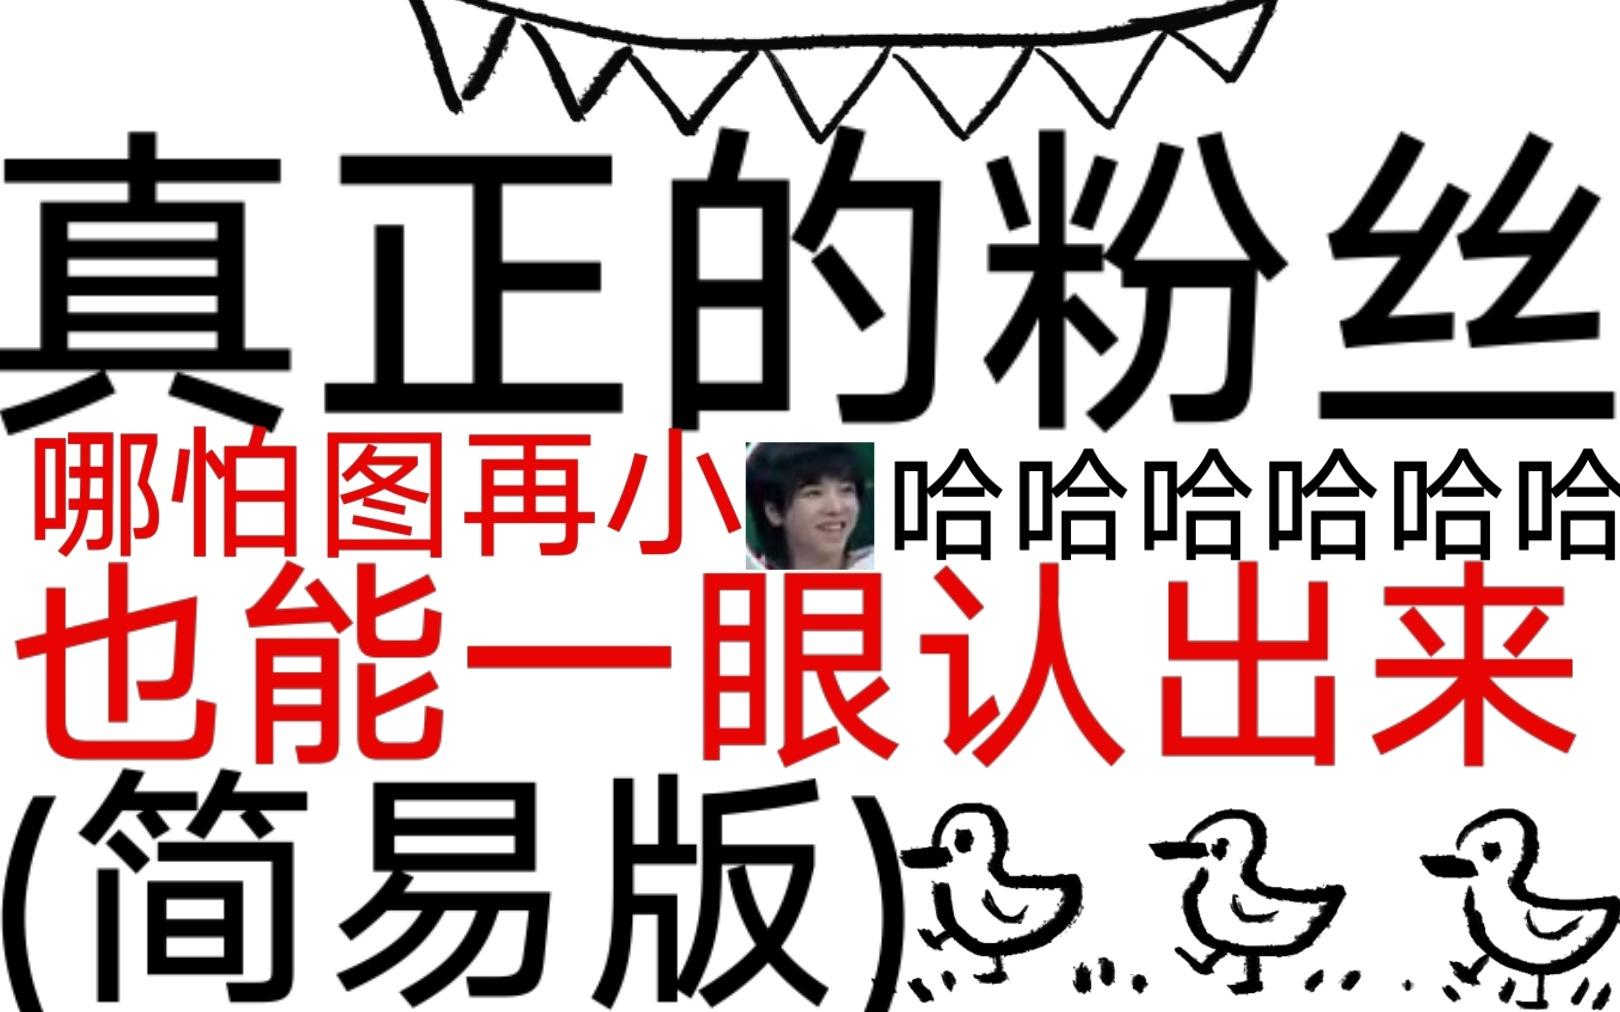 華晨宇的炸裂舞臺,飆高音震驚韓國男團,臺下粉絲一片瘋狂